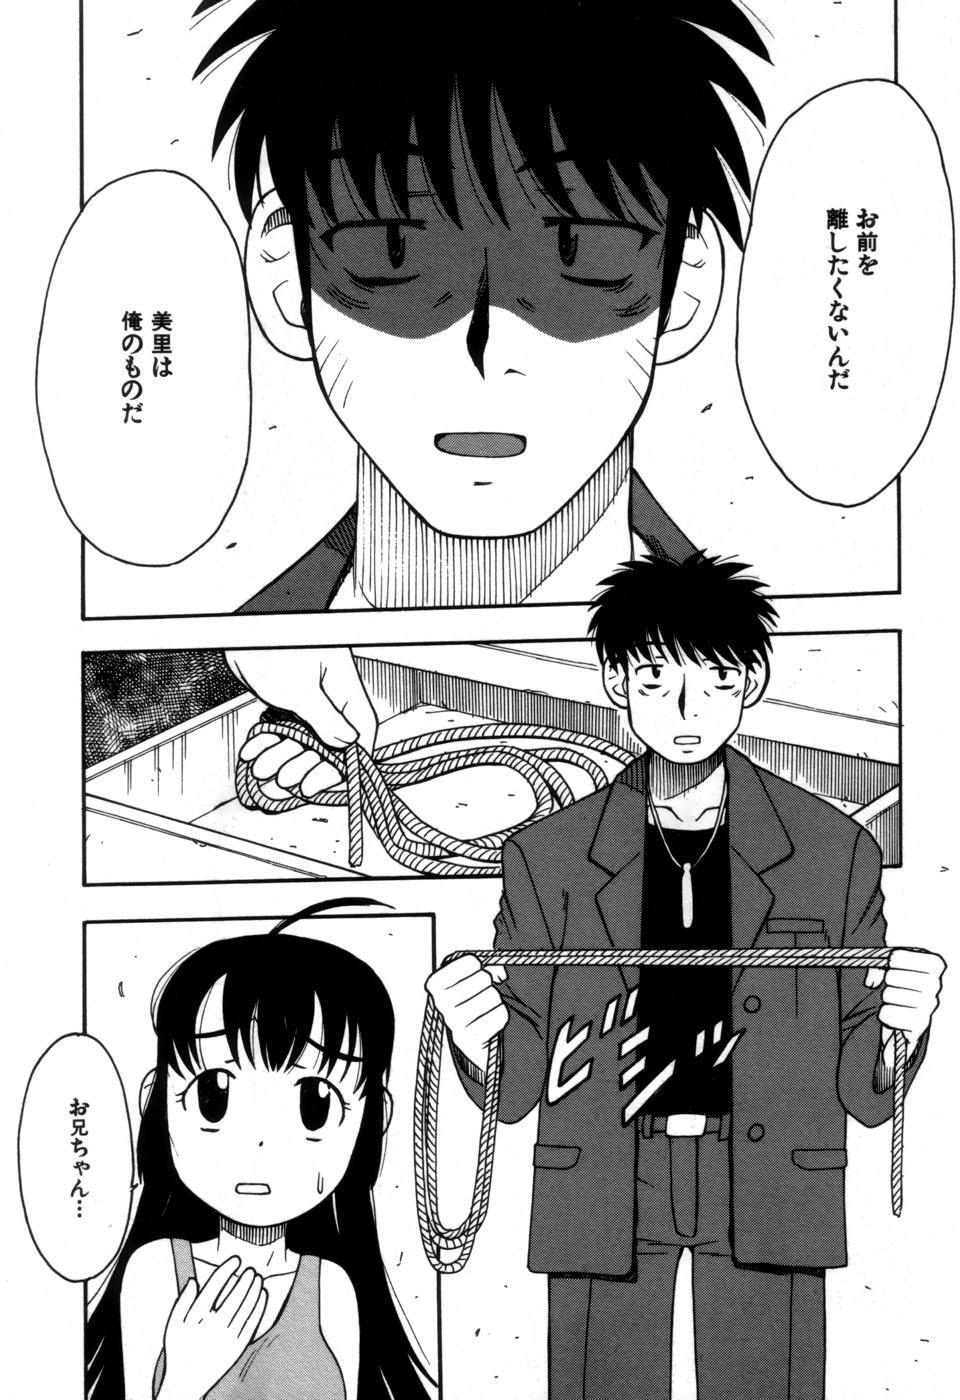 Imouto no Hiasobi 10